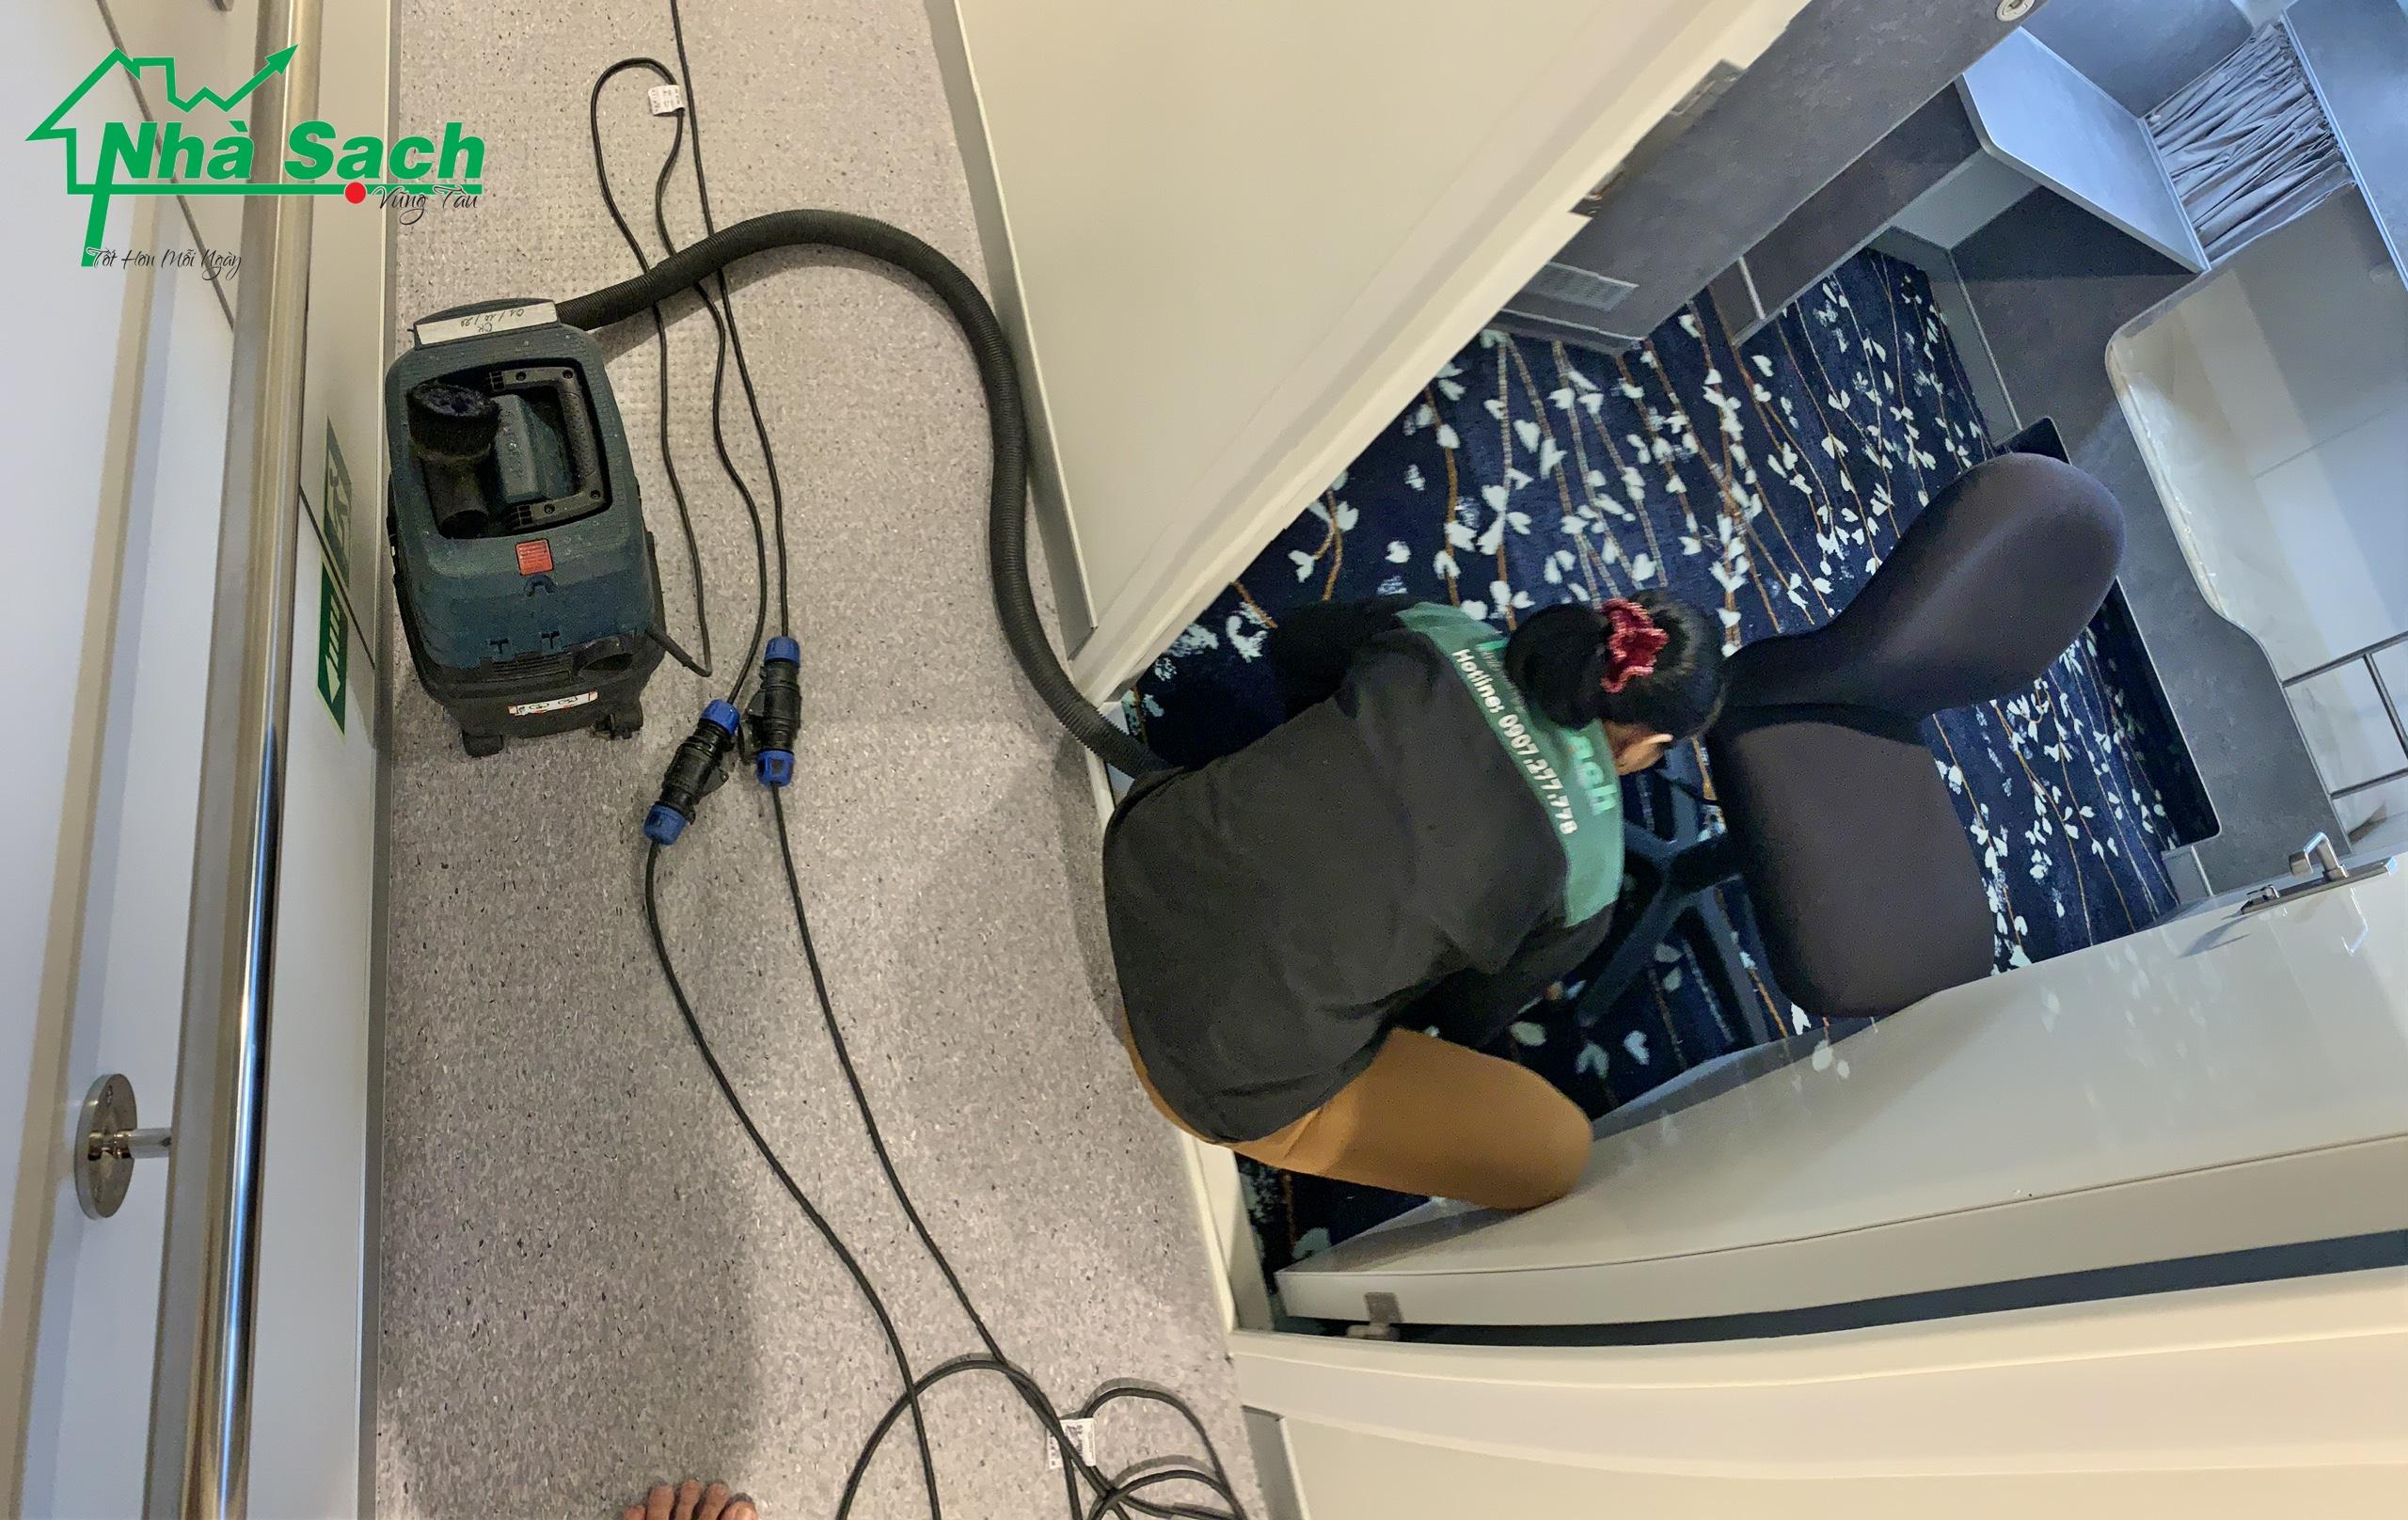 Dịch vụ giặt thảm Nhà sạch Vũng tàu